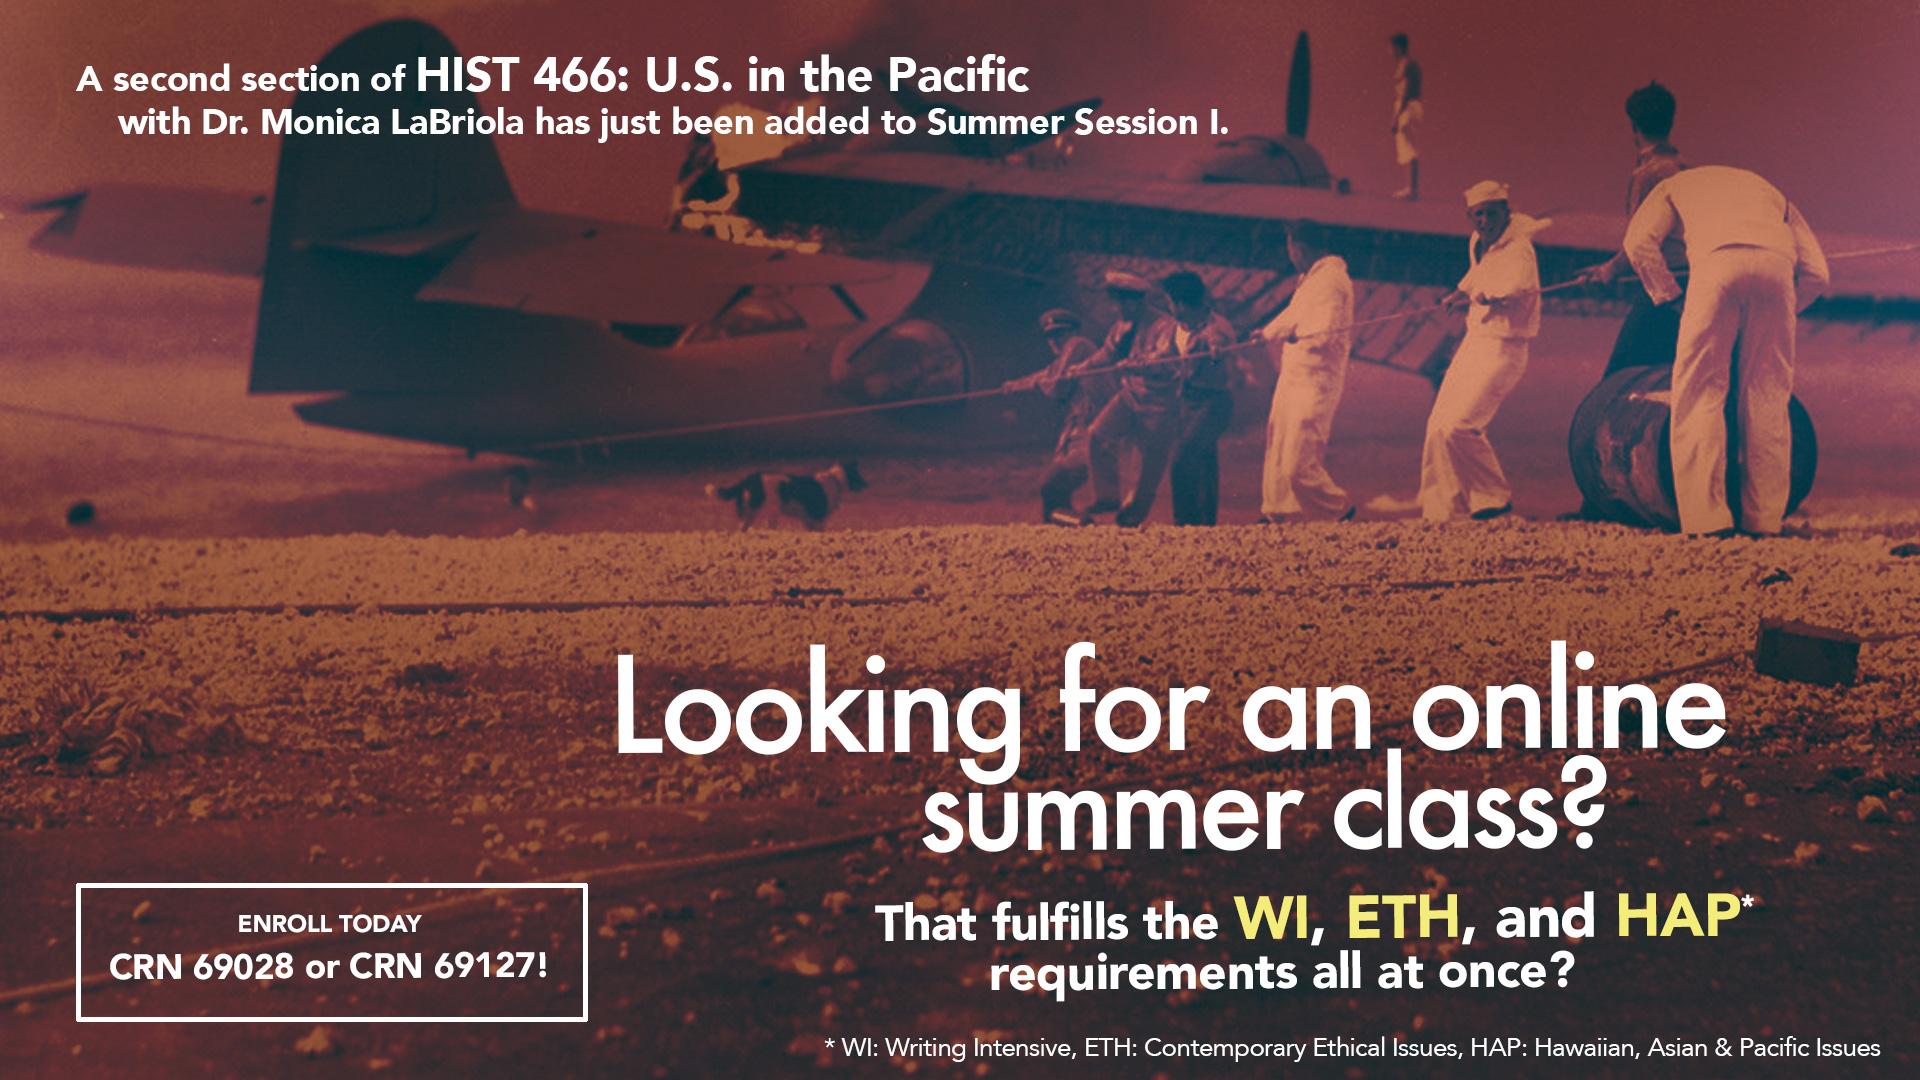 HIST 266 Summer Session I flyer